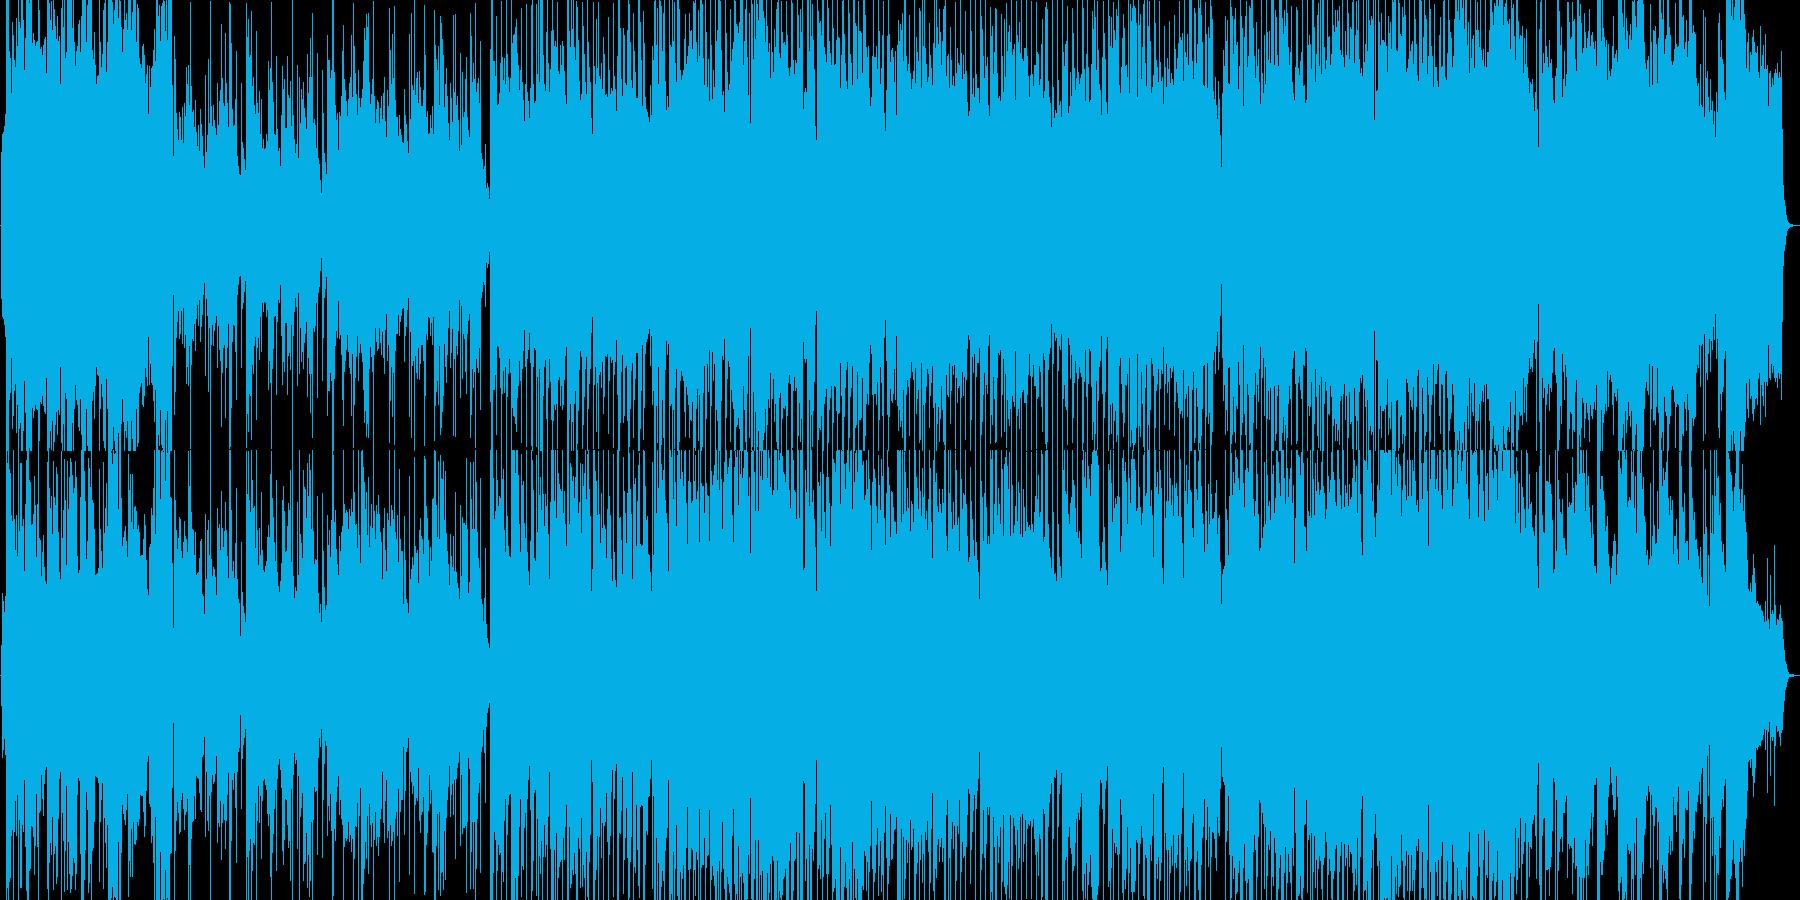 ジャジーな雰囲気のビッグバンド風ブルースの再生済みの波形